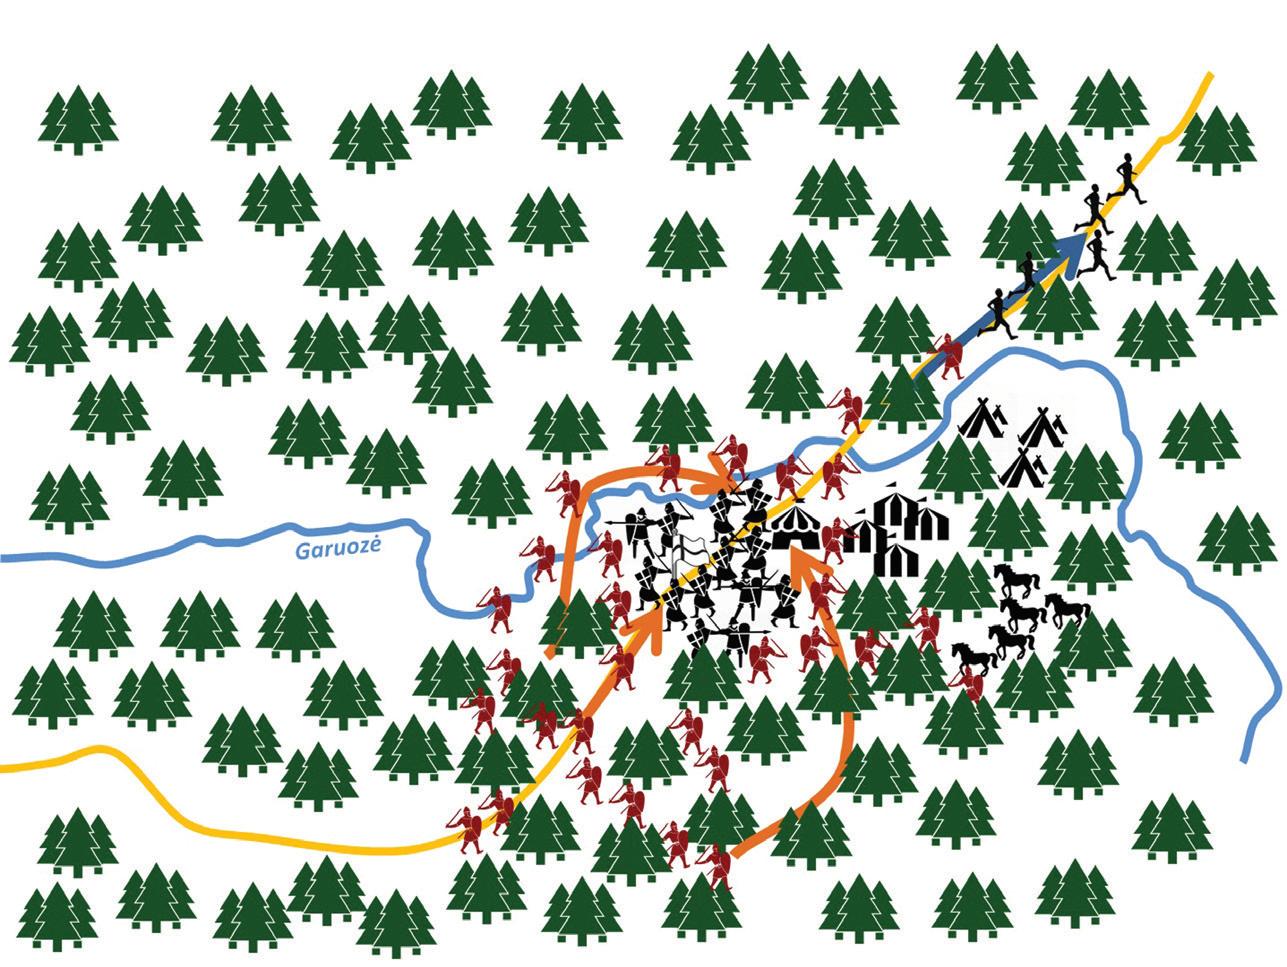 Trečiasis mūšio etapas. Žiemgaliai atskiria kryžiuočius nuo žirgų ir juos apsupa iš visų pusių. Didžioji dalis pagalbinių kryžiuočių karių pabėga, jie persekiojami žiemgalių. Apsupti kryžiuočiai sutriuškinami.